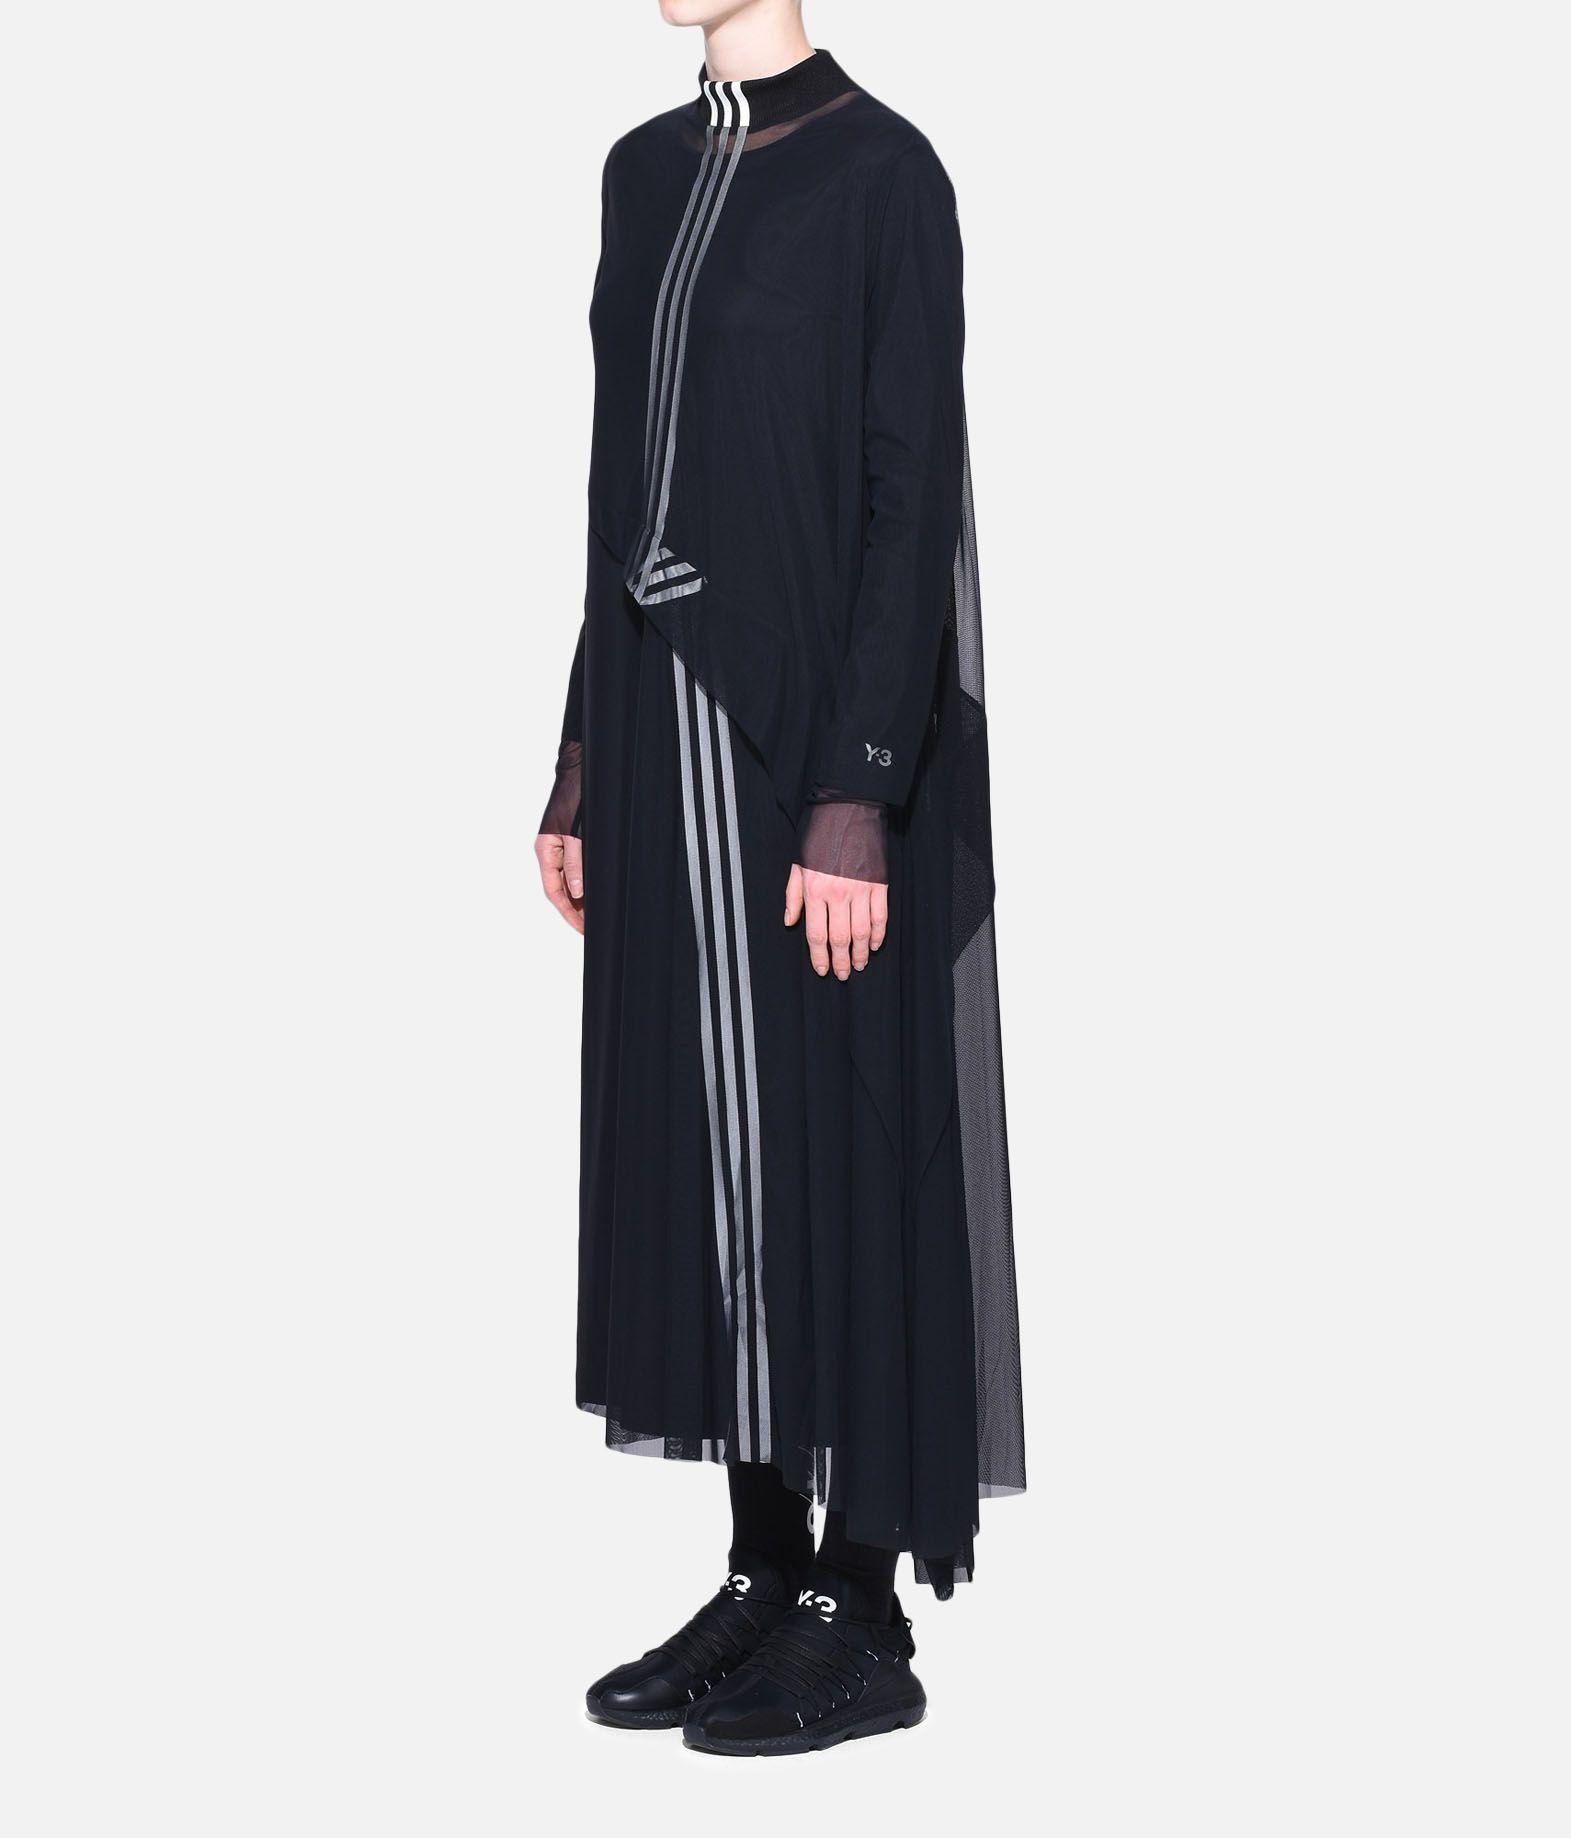 Y-3 Y-3 3-Stripes Mesh Dress Long dress Woman e